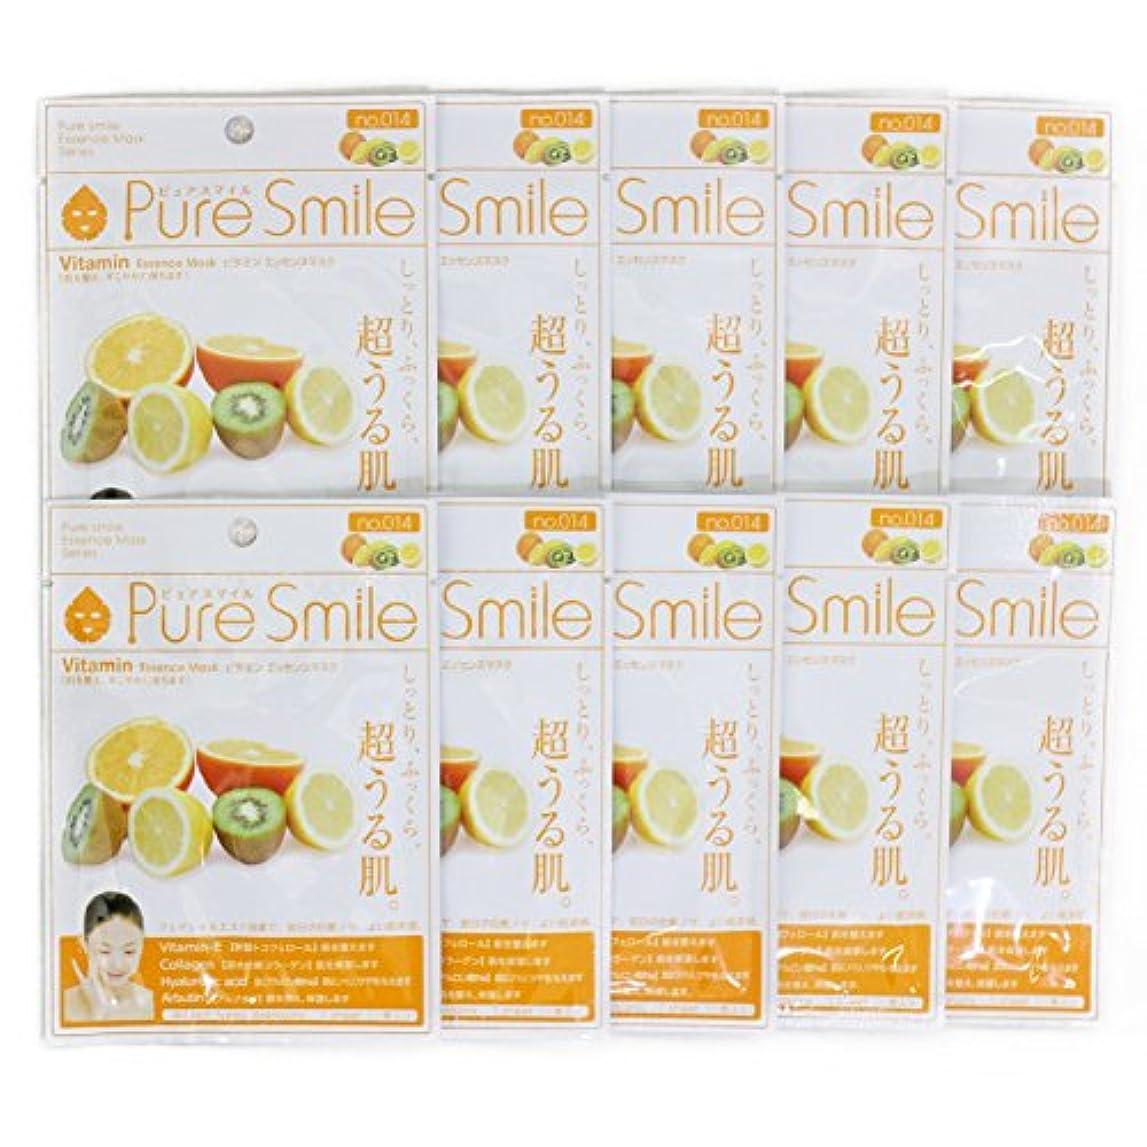 パーツ重々しい楽観的Pure Smile ピュアスマイル エッセンスマスク ビタミン 10枚セット